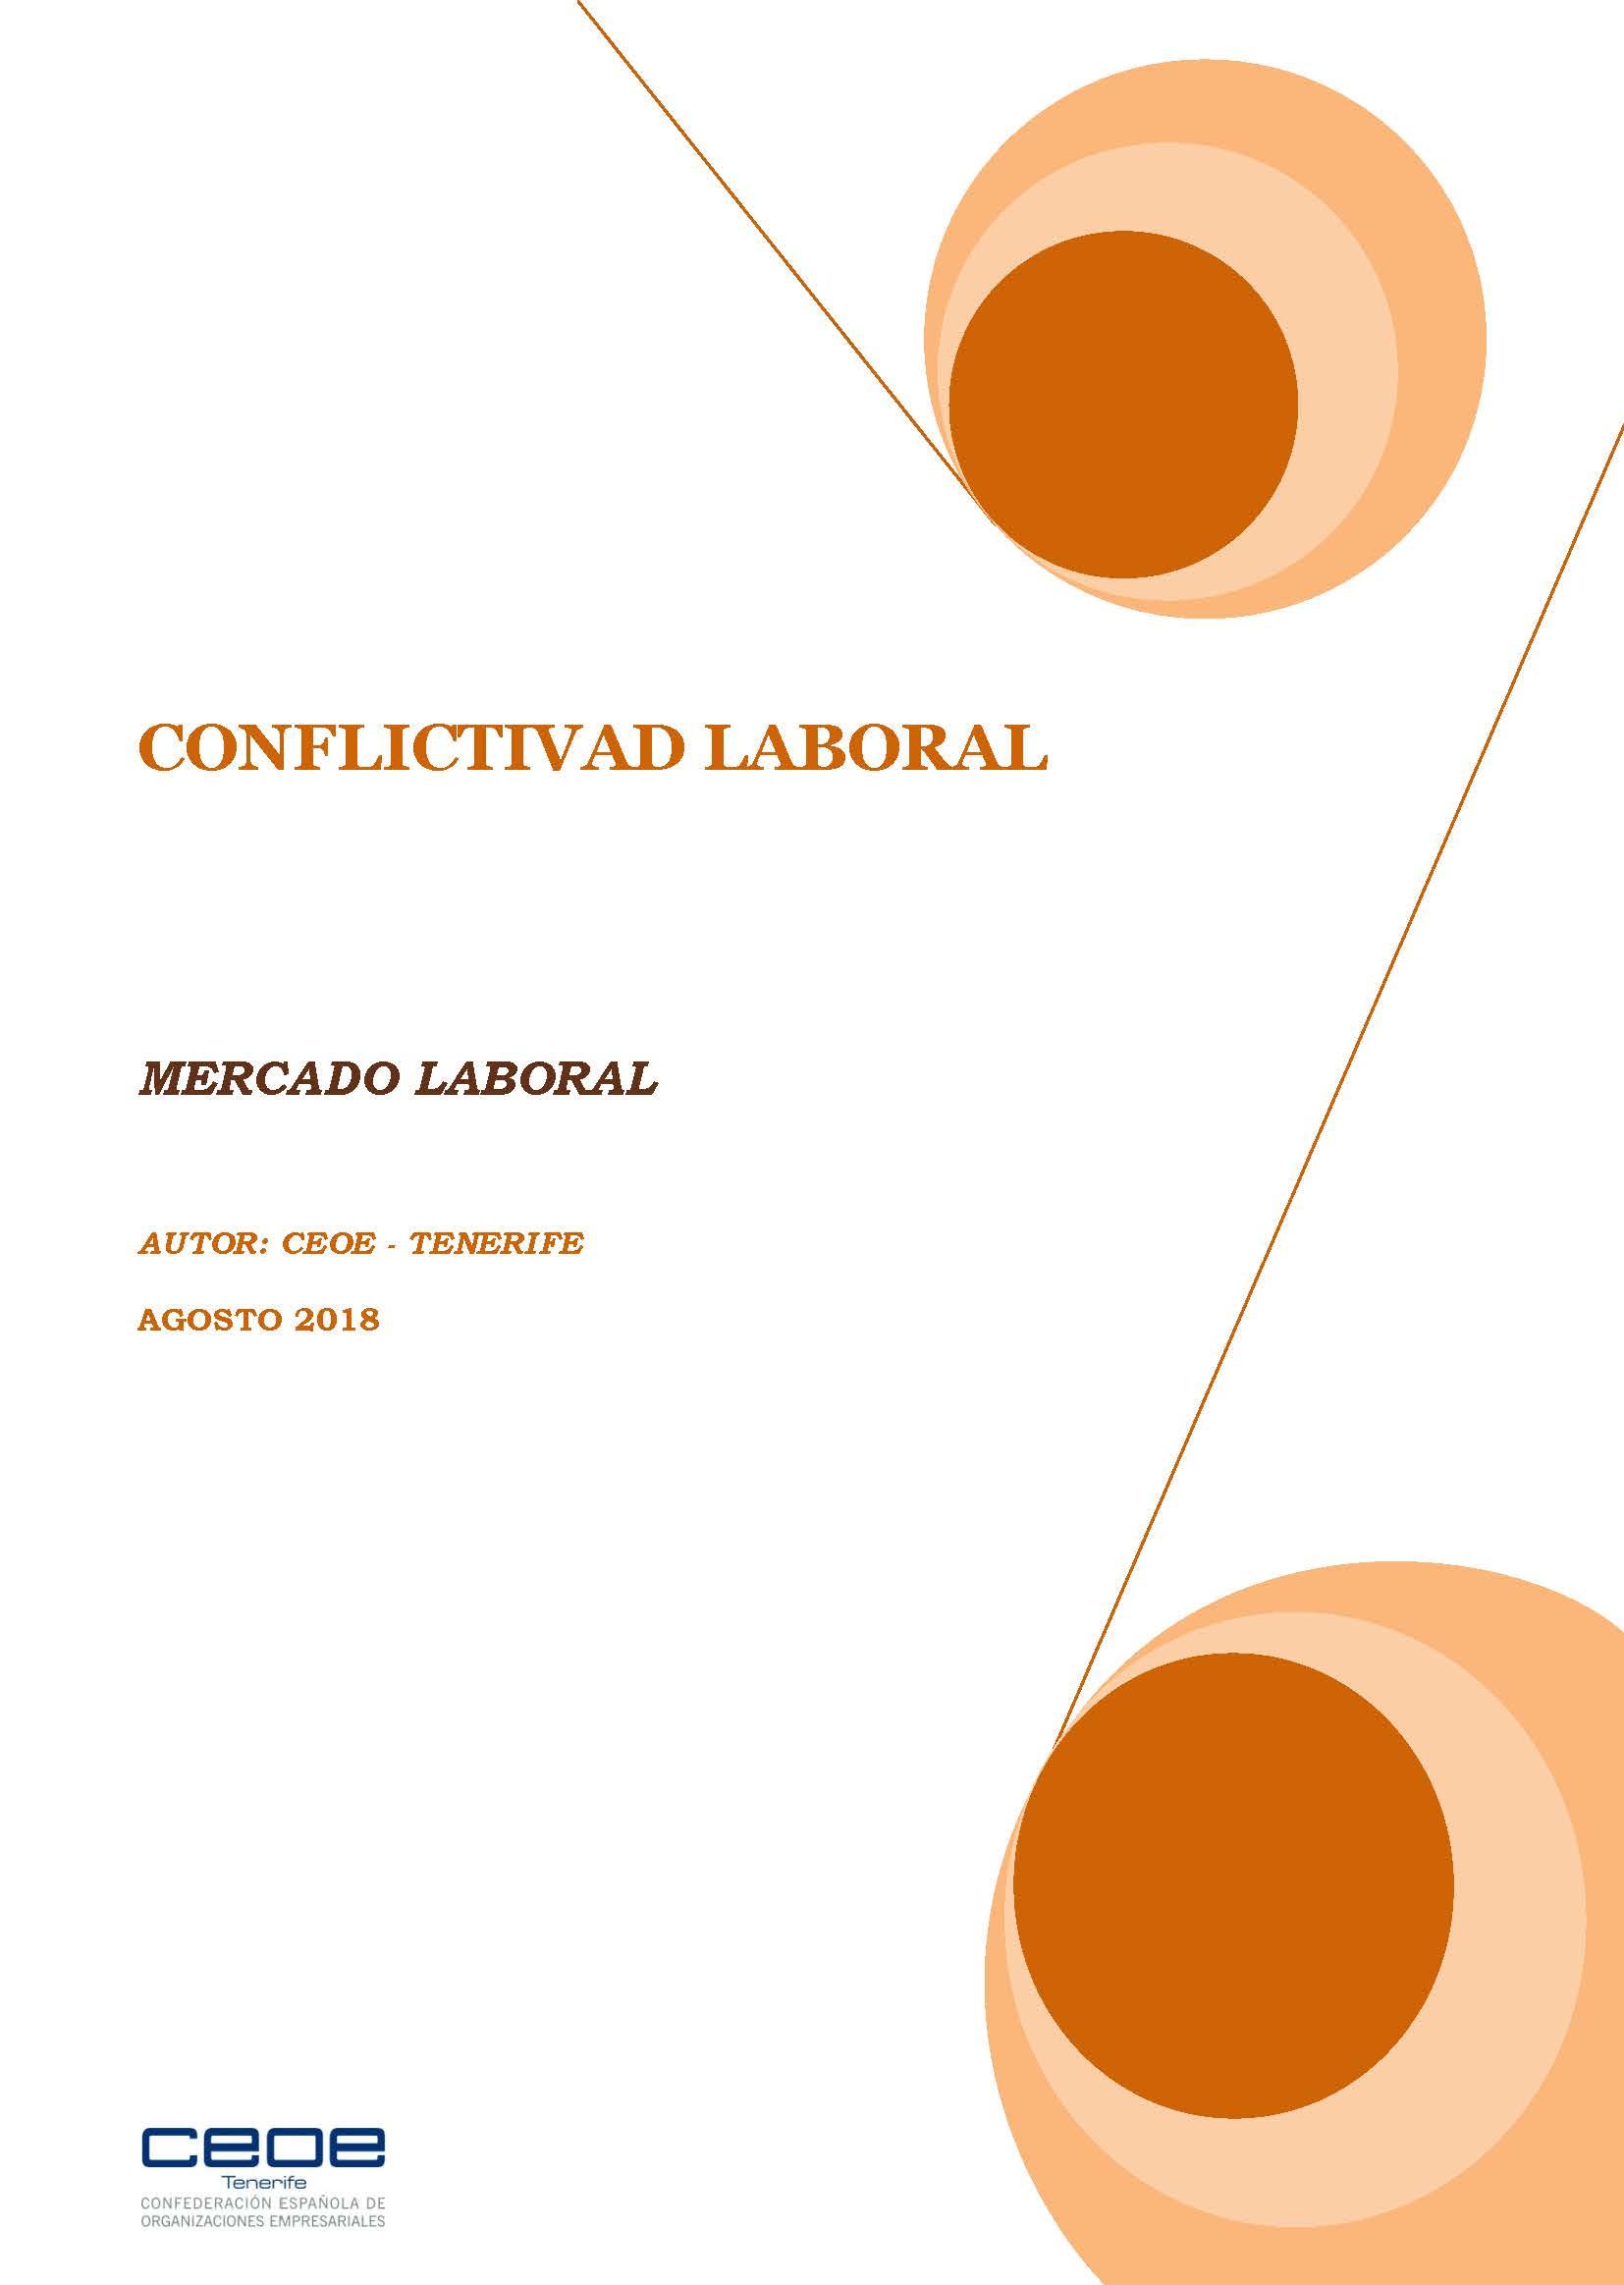 MERCADO LABORAL - CONFLICTIVIDAD LABORAL AGOSTO 2018